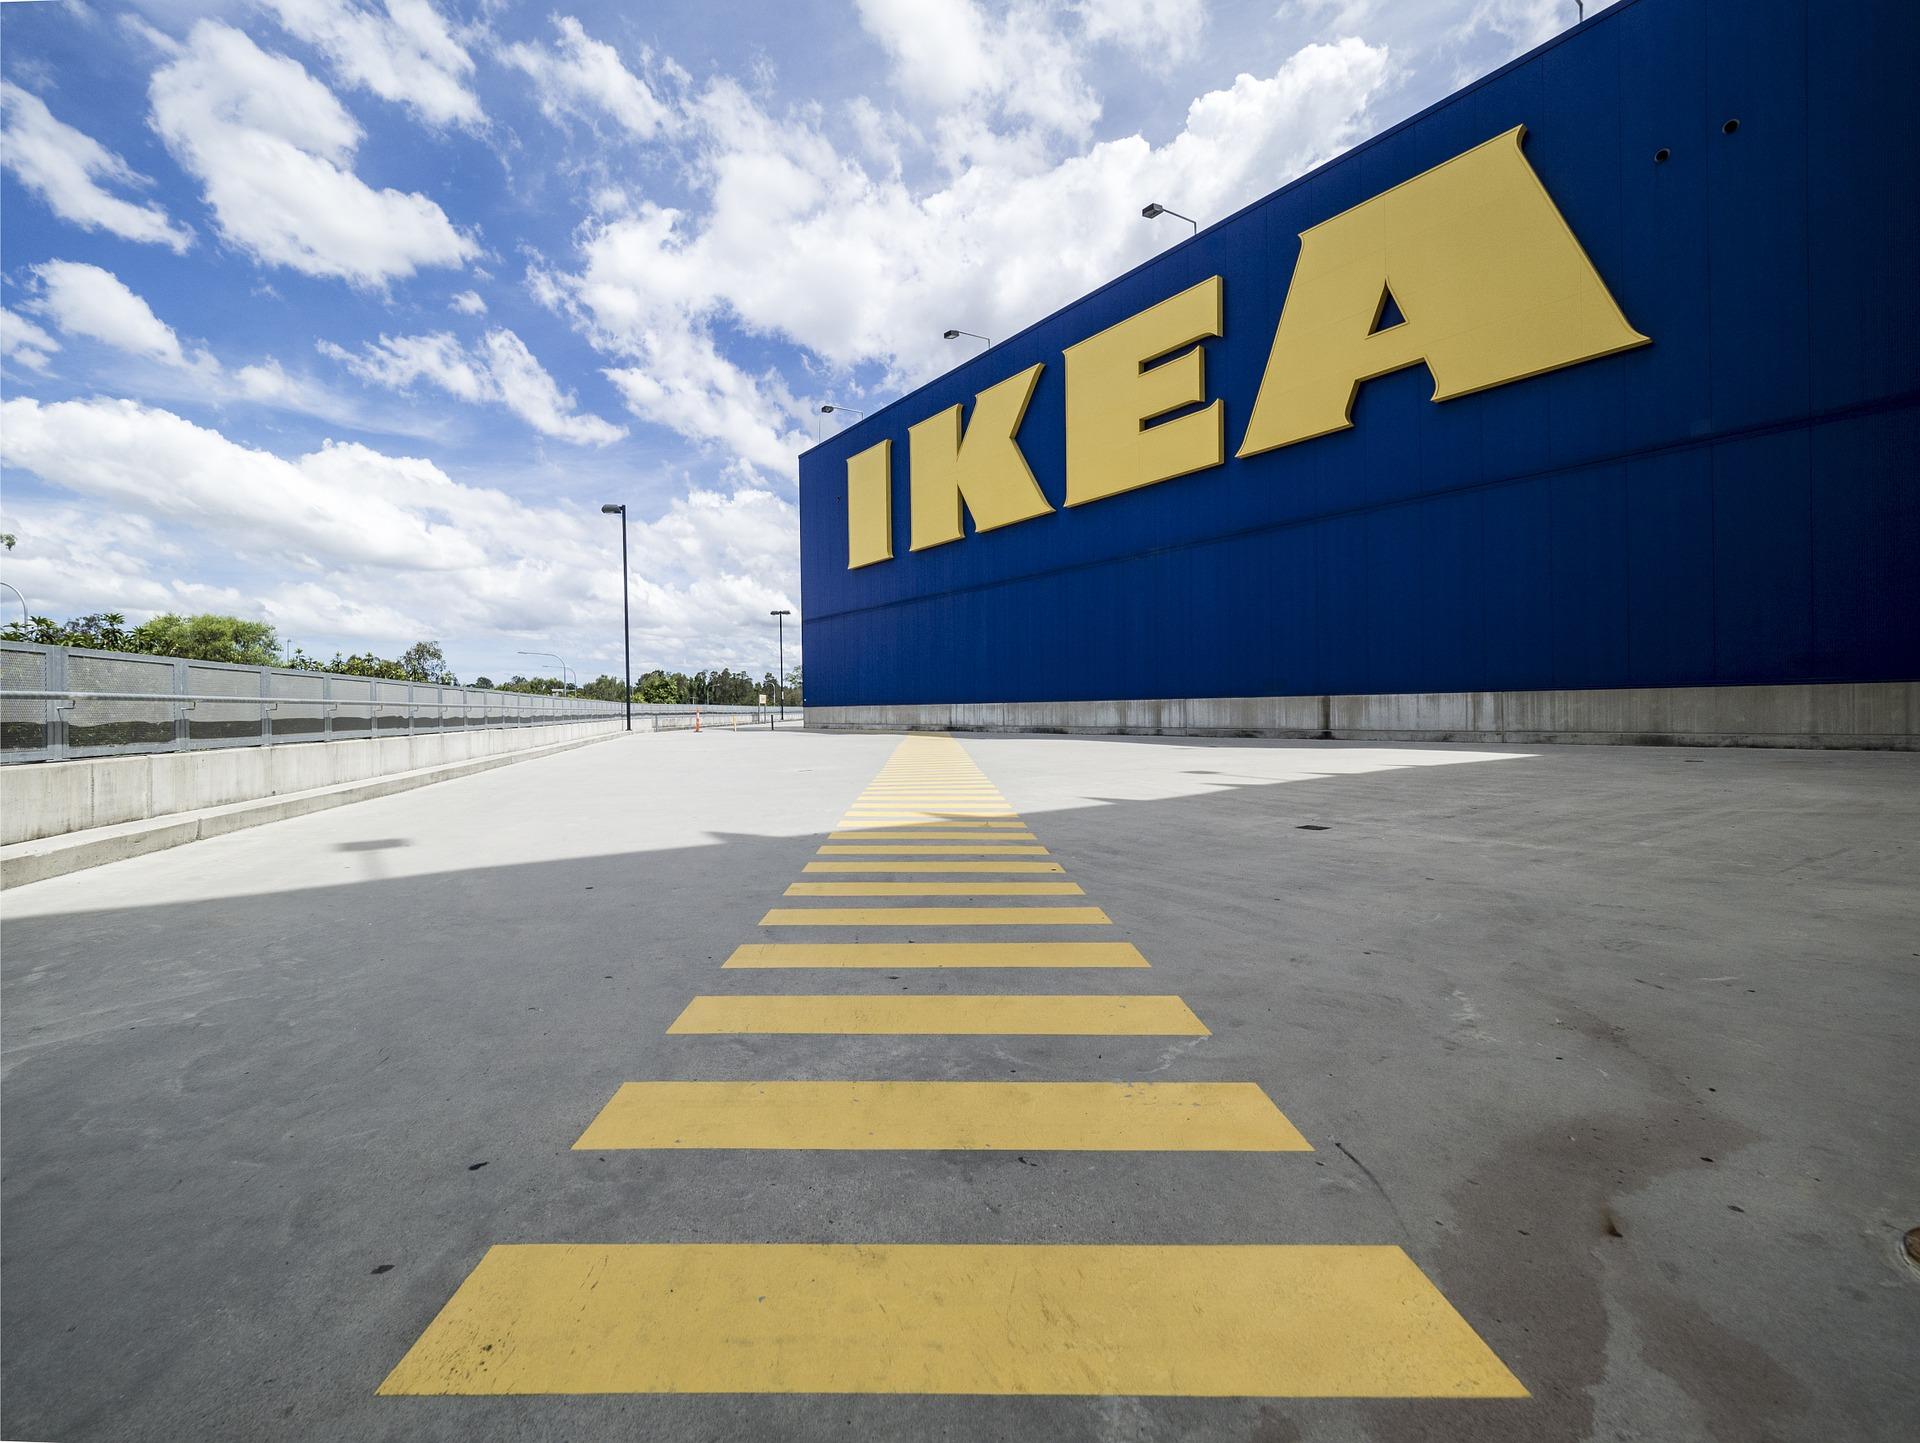 Ikea planea expansión a Latinoamérica y Chile es uno de los elegidos